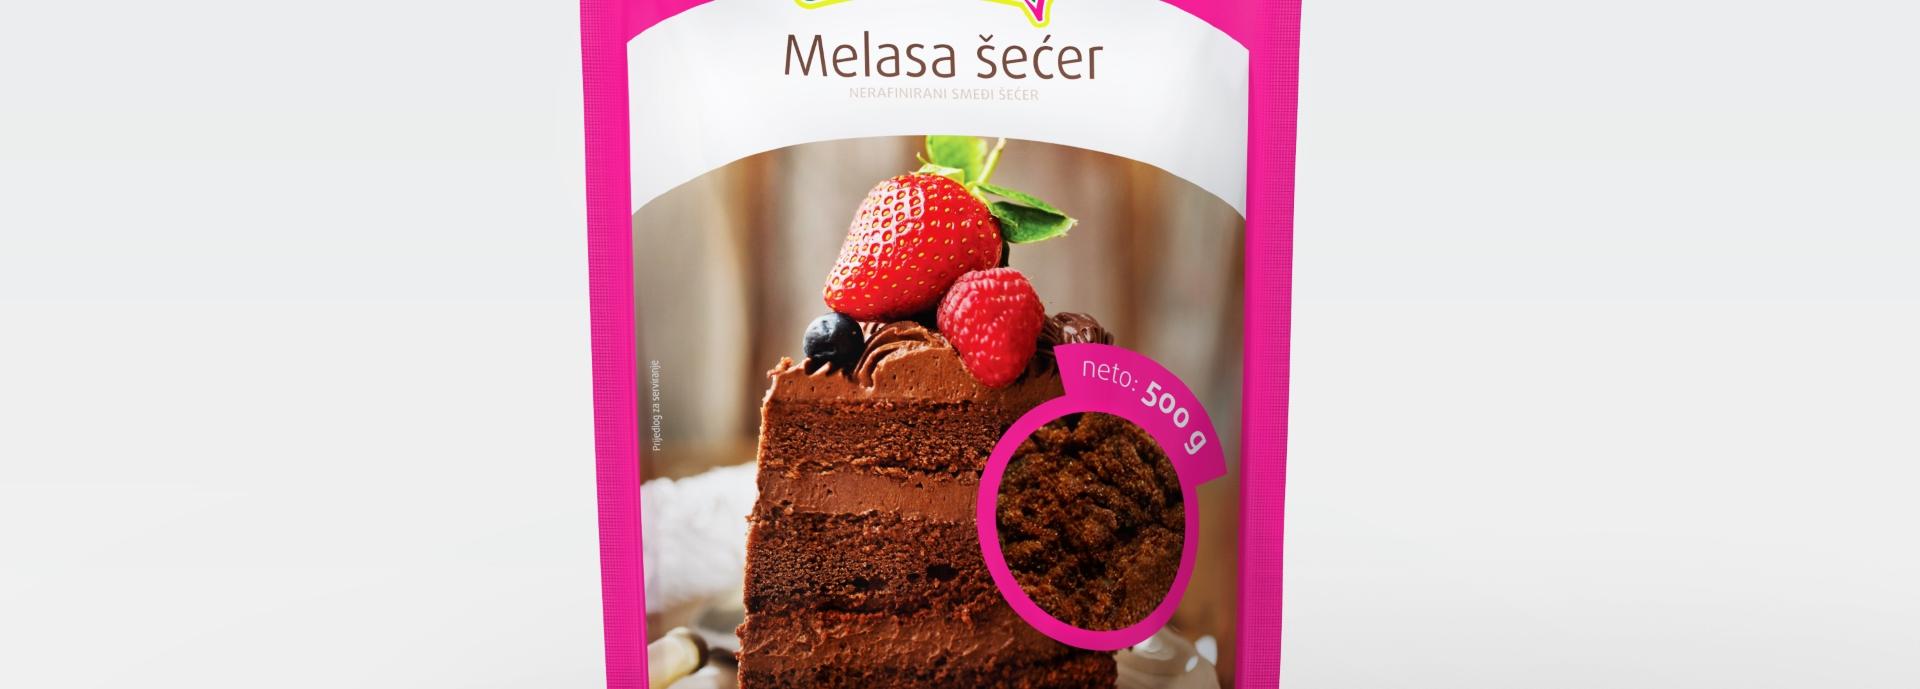 Melasa šećer sadržava veliku količinu hranjivih tvari